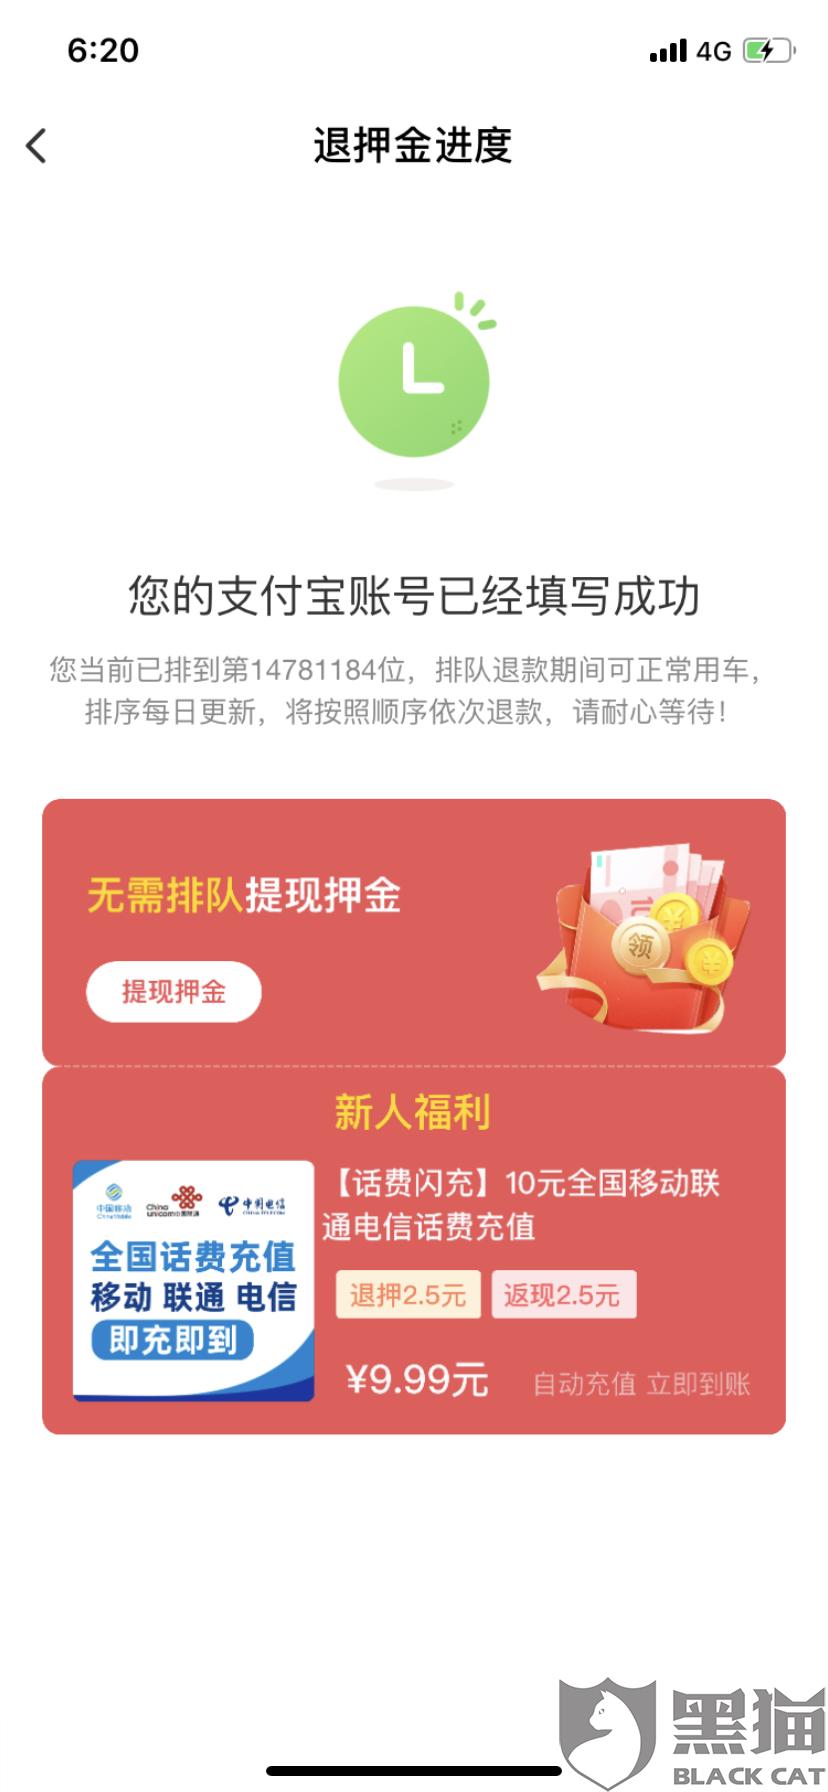 黑猫投诉:OFO小黄车不退顾客押金